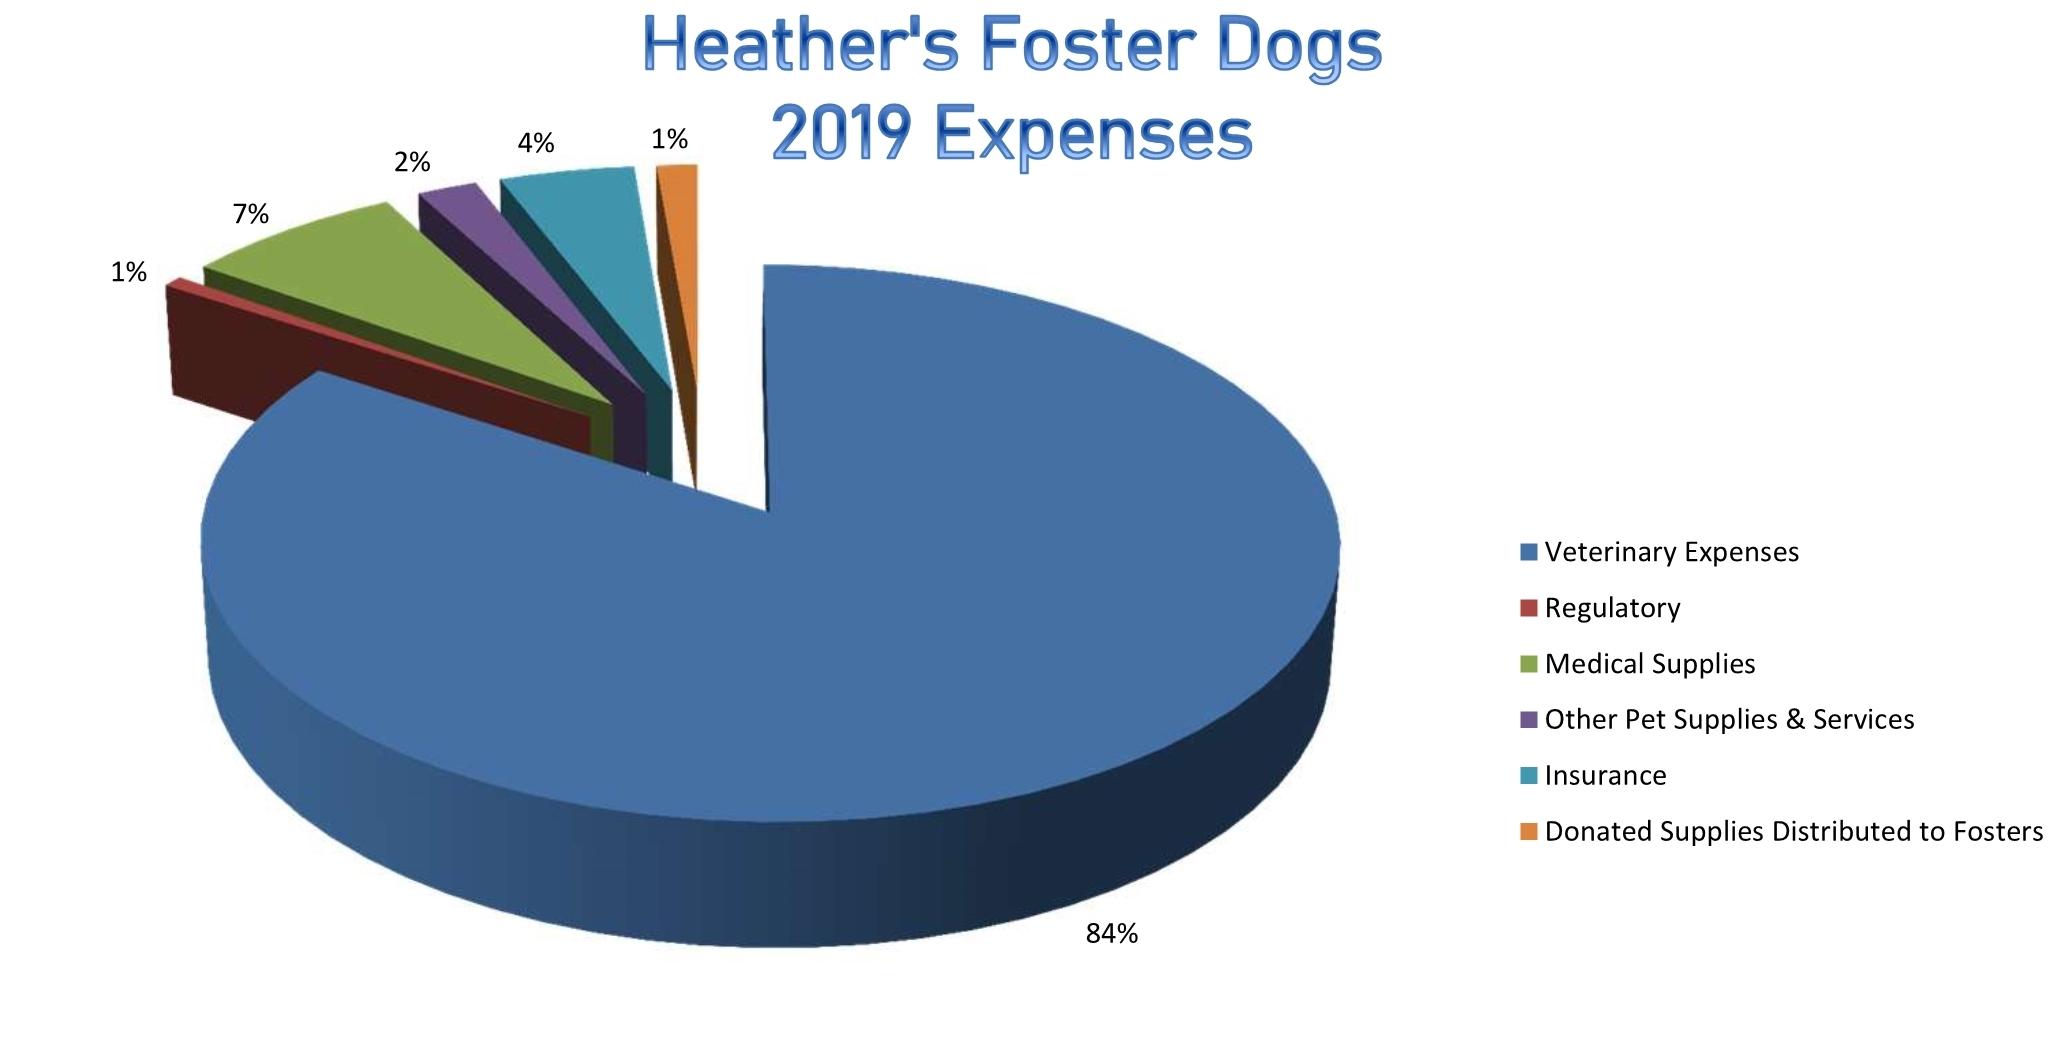 HFD 2019 Expenses